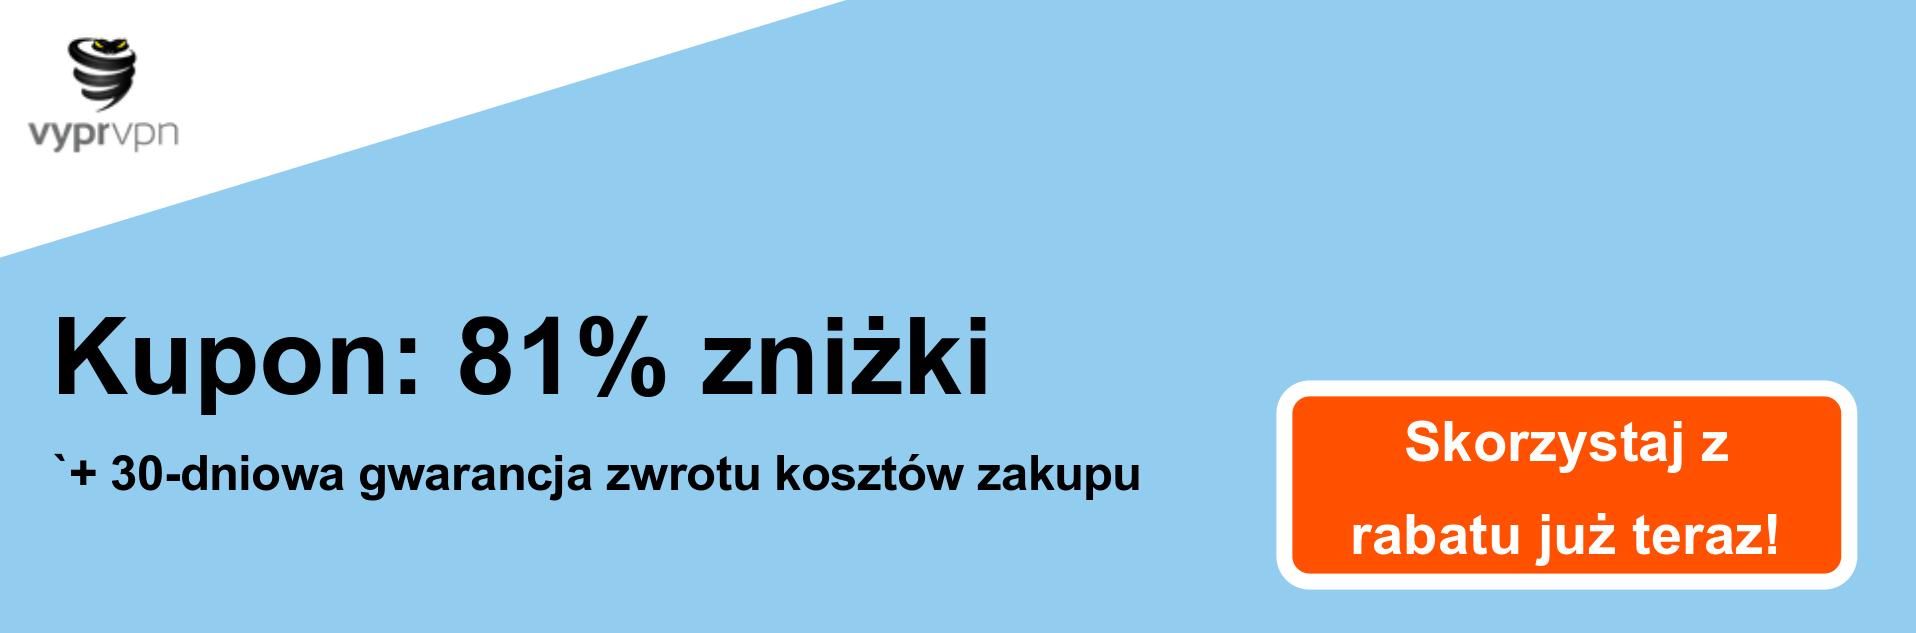 Baner kuponu Vypr VPN - 81% zniżki